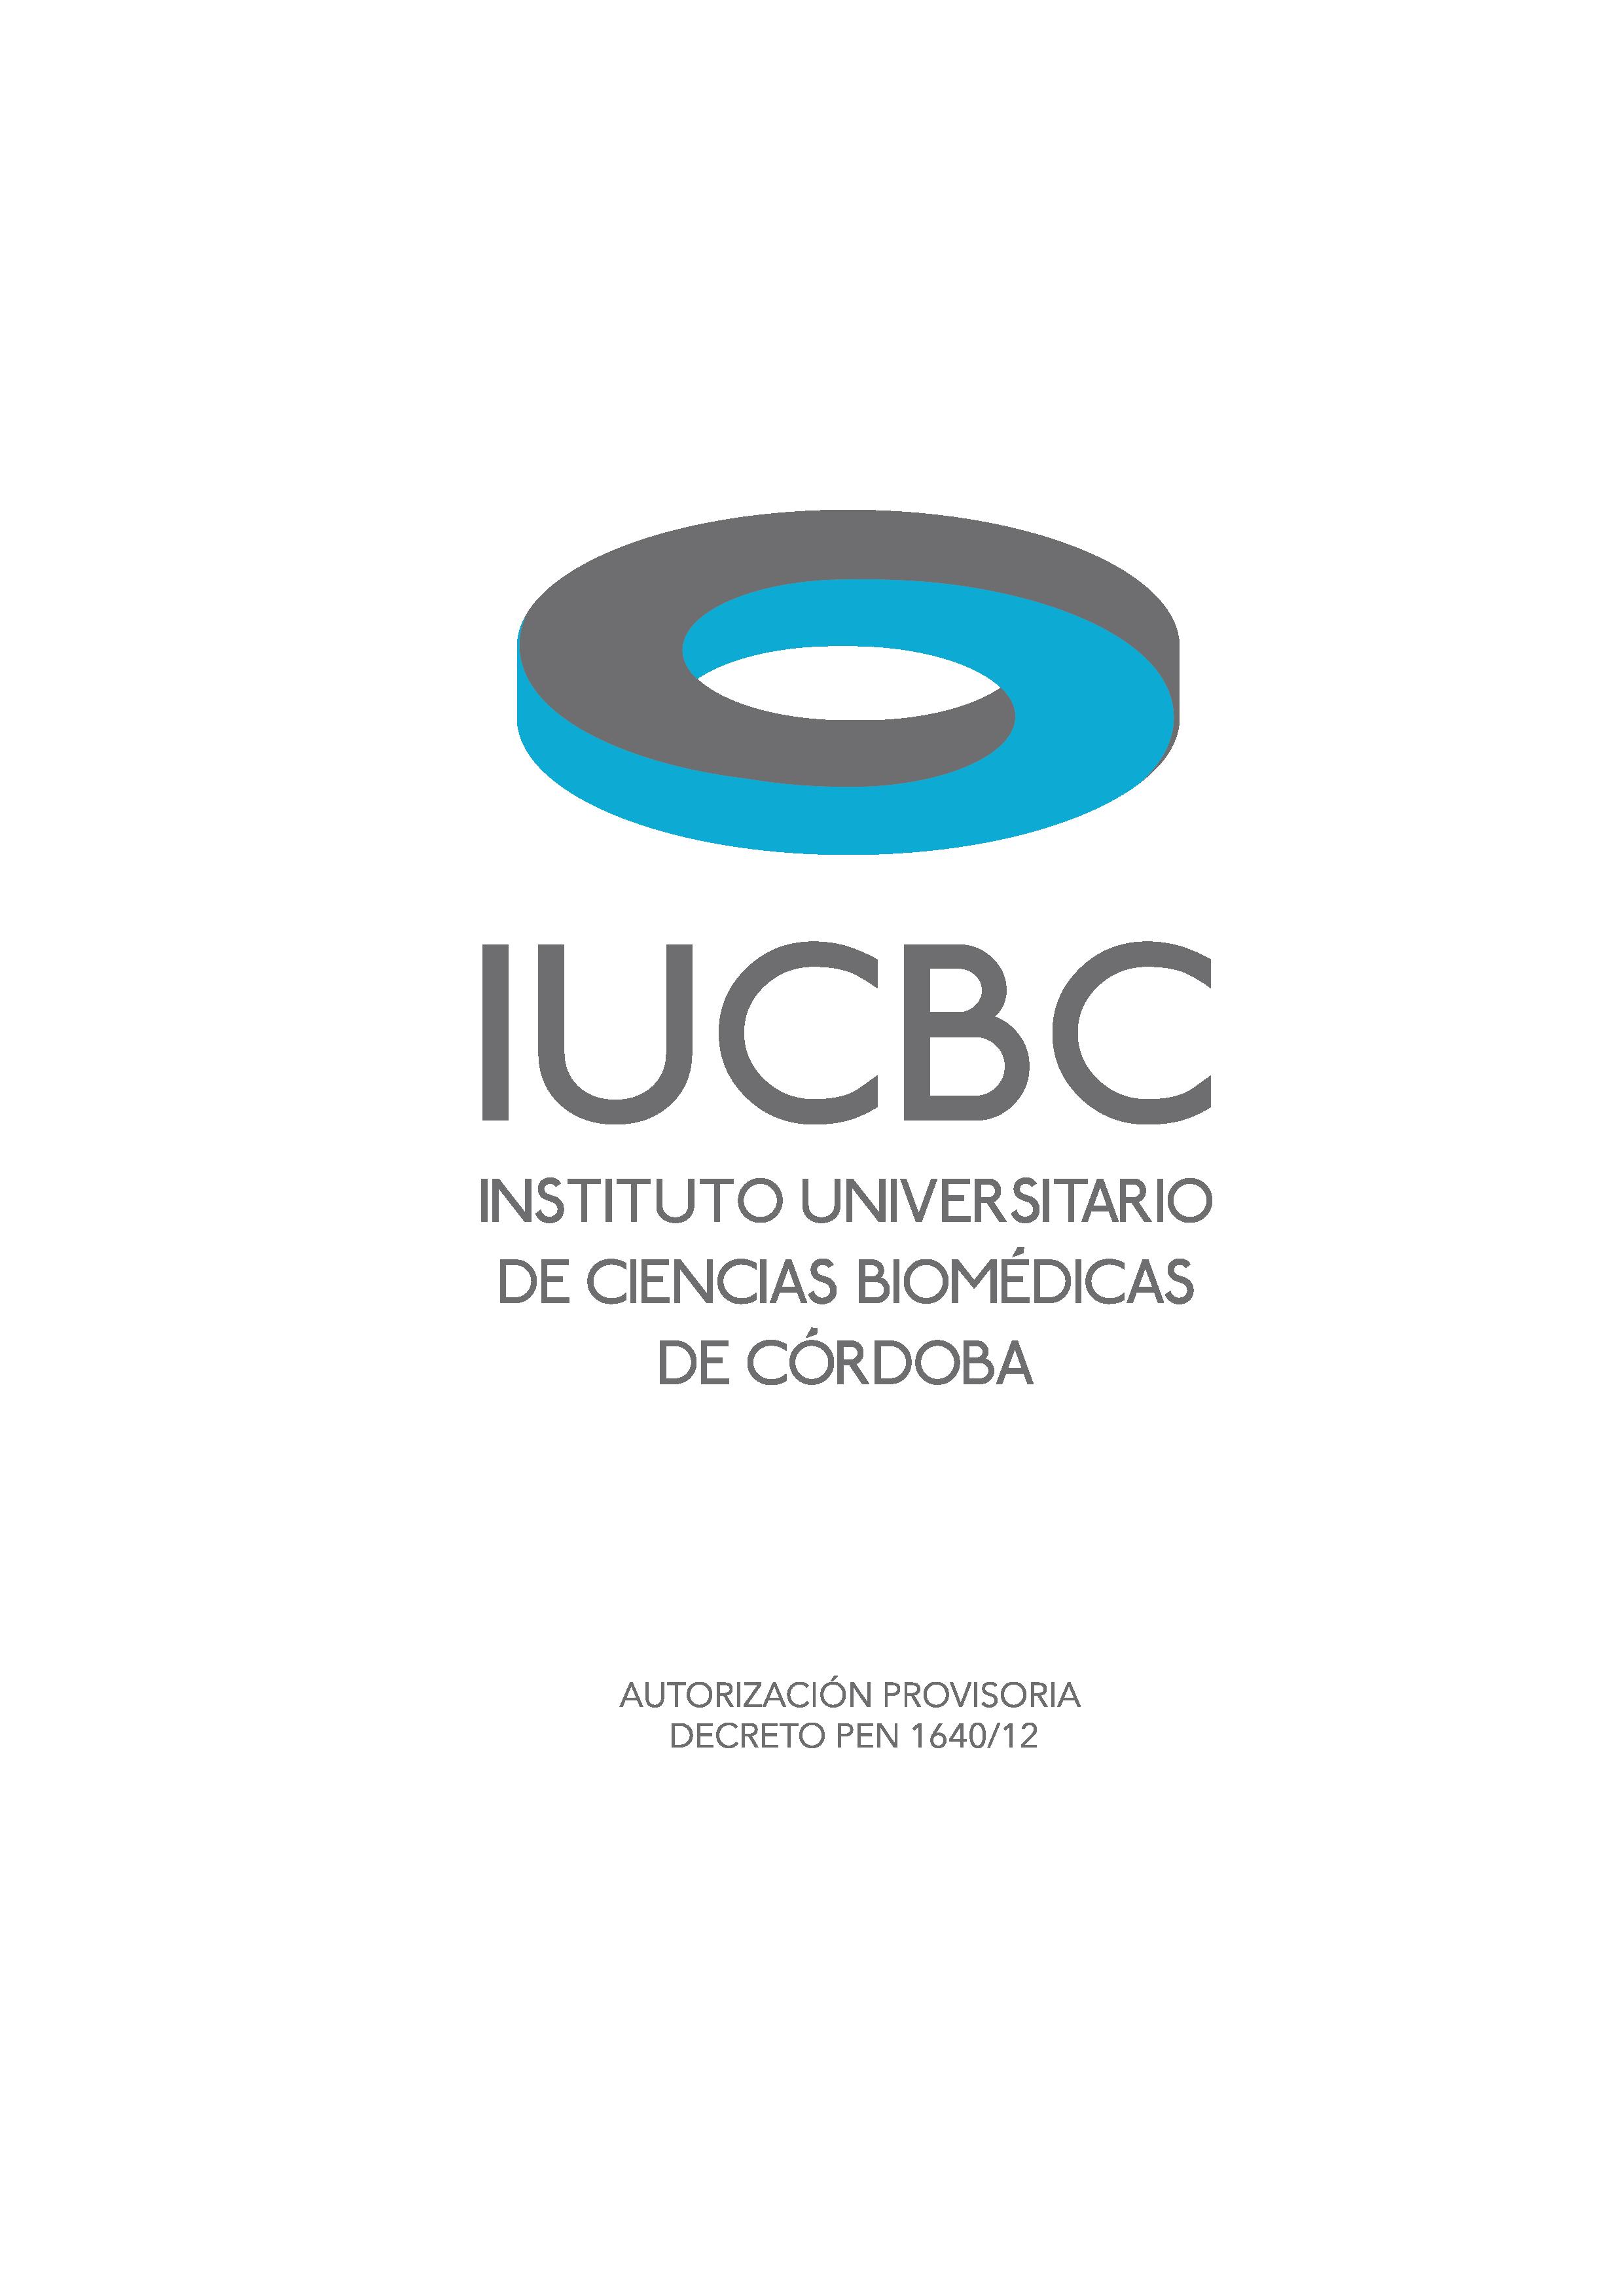 INST. UNIV. DE CIENCIAS BIOMÉDICAS DE CÓRDOBA